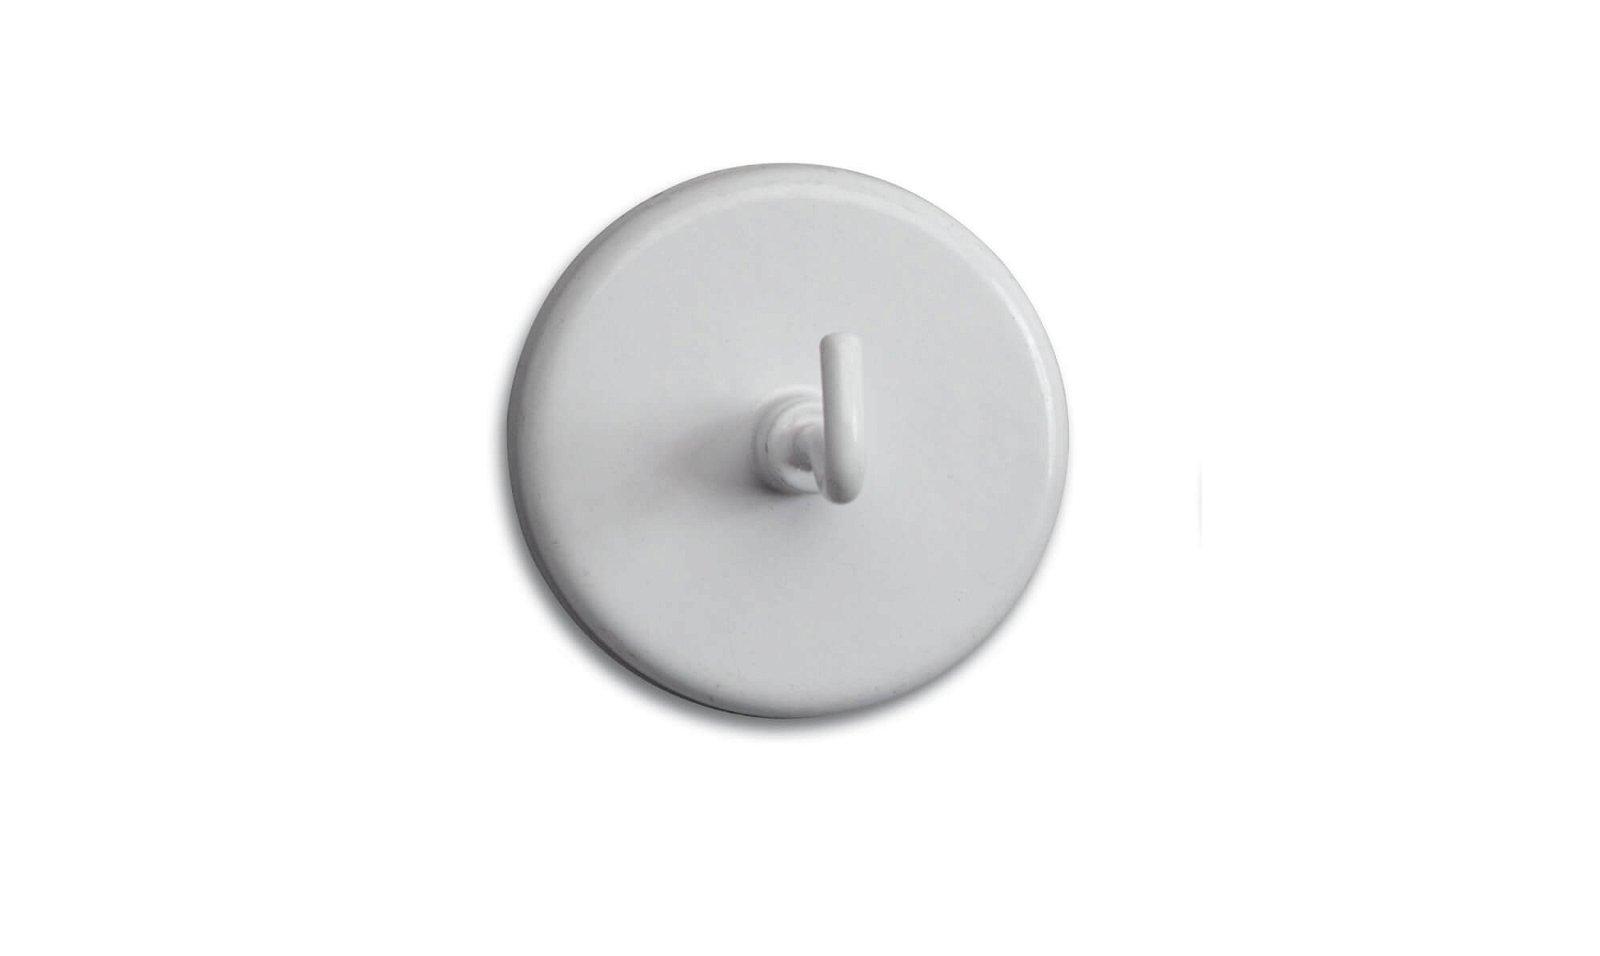 Kraftmagnet mit Haken Ø 47 mm, 12 kg Haftkraft, 5 St./Btl., weiß